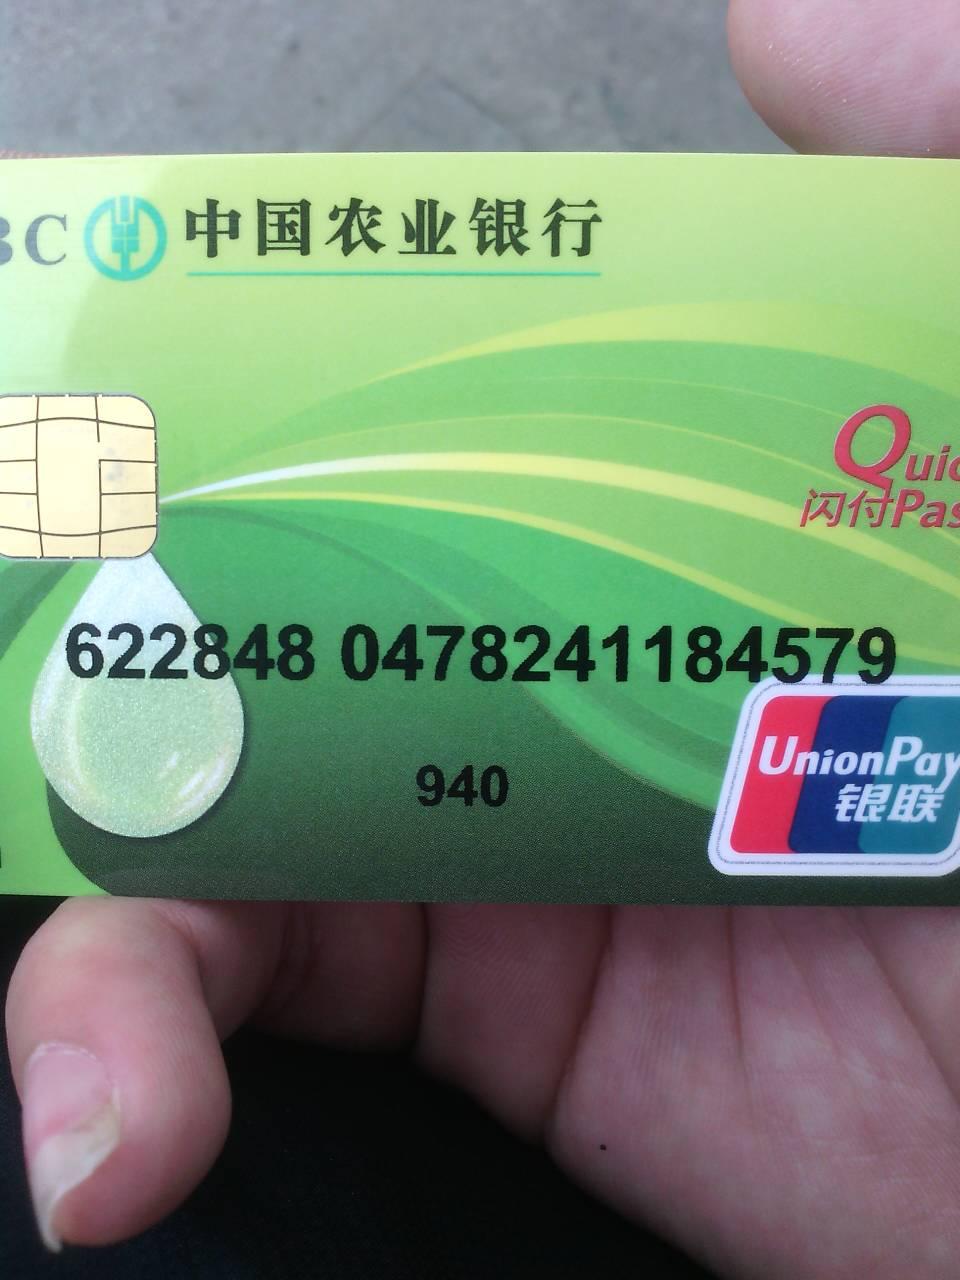 农行借记卡开头数字_我叫别人给我的农行转账,就是银行卡上的这一窜数字可以吗